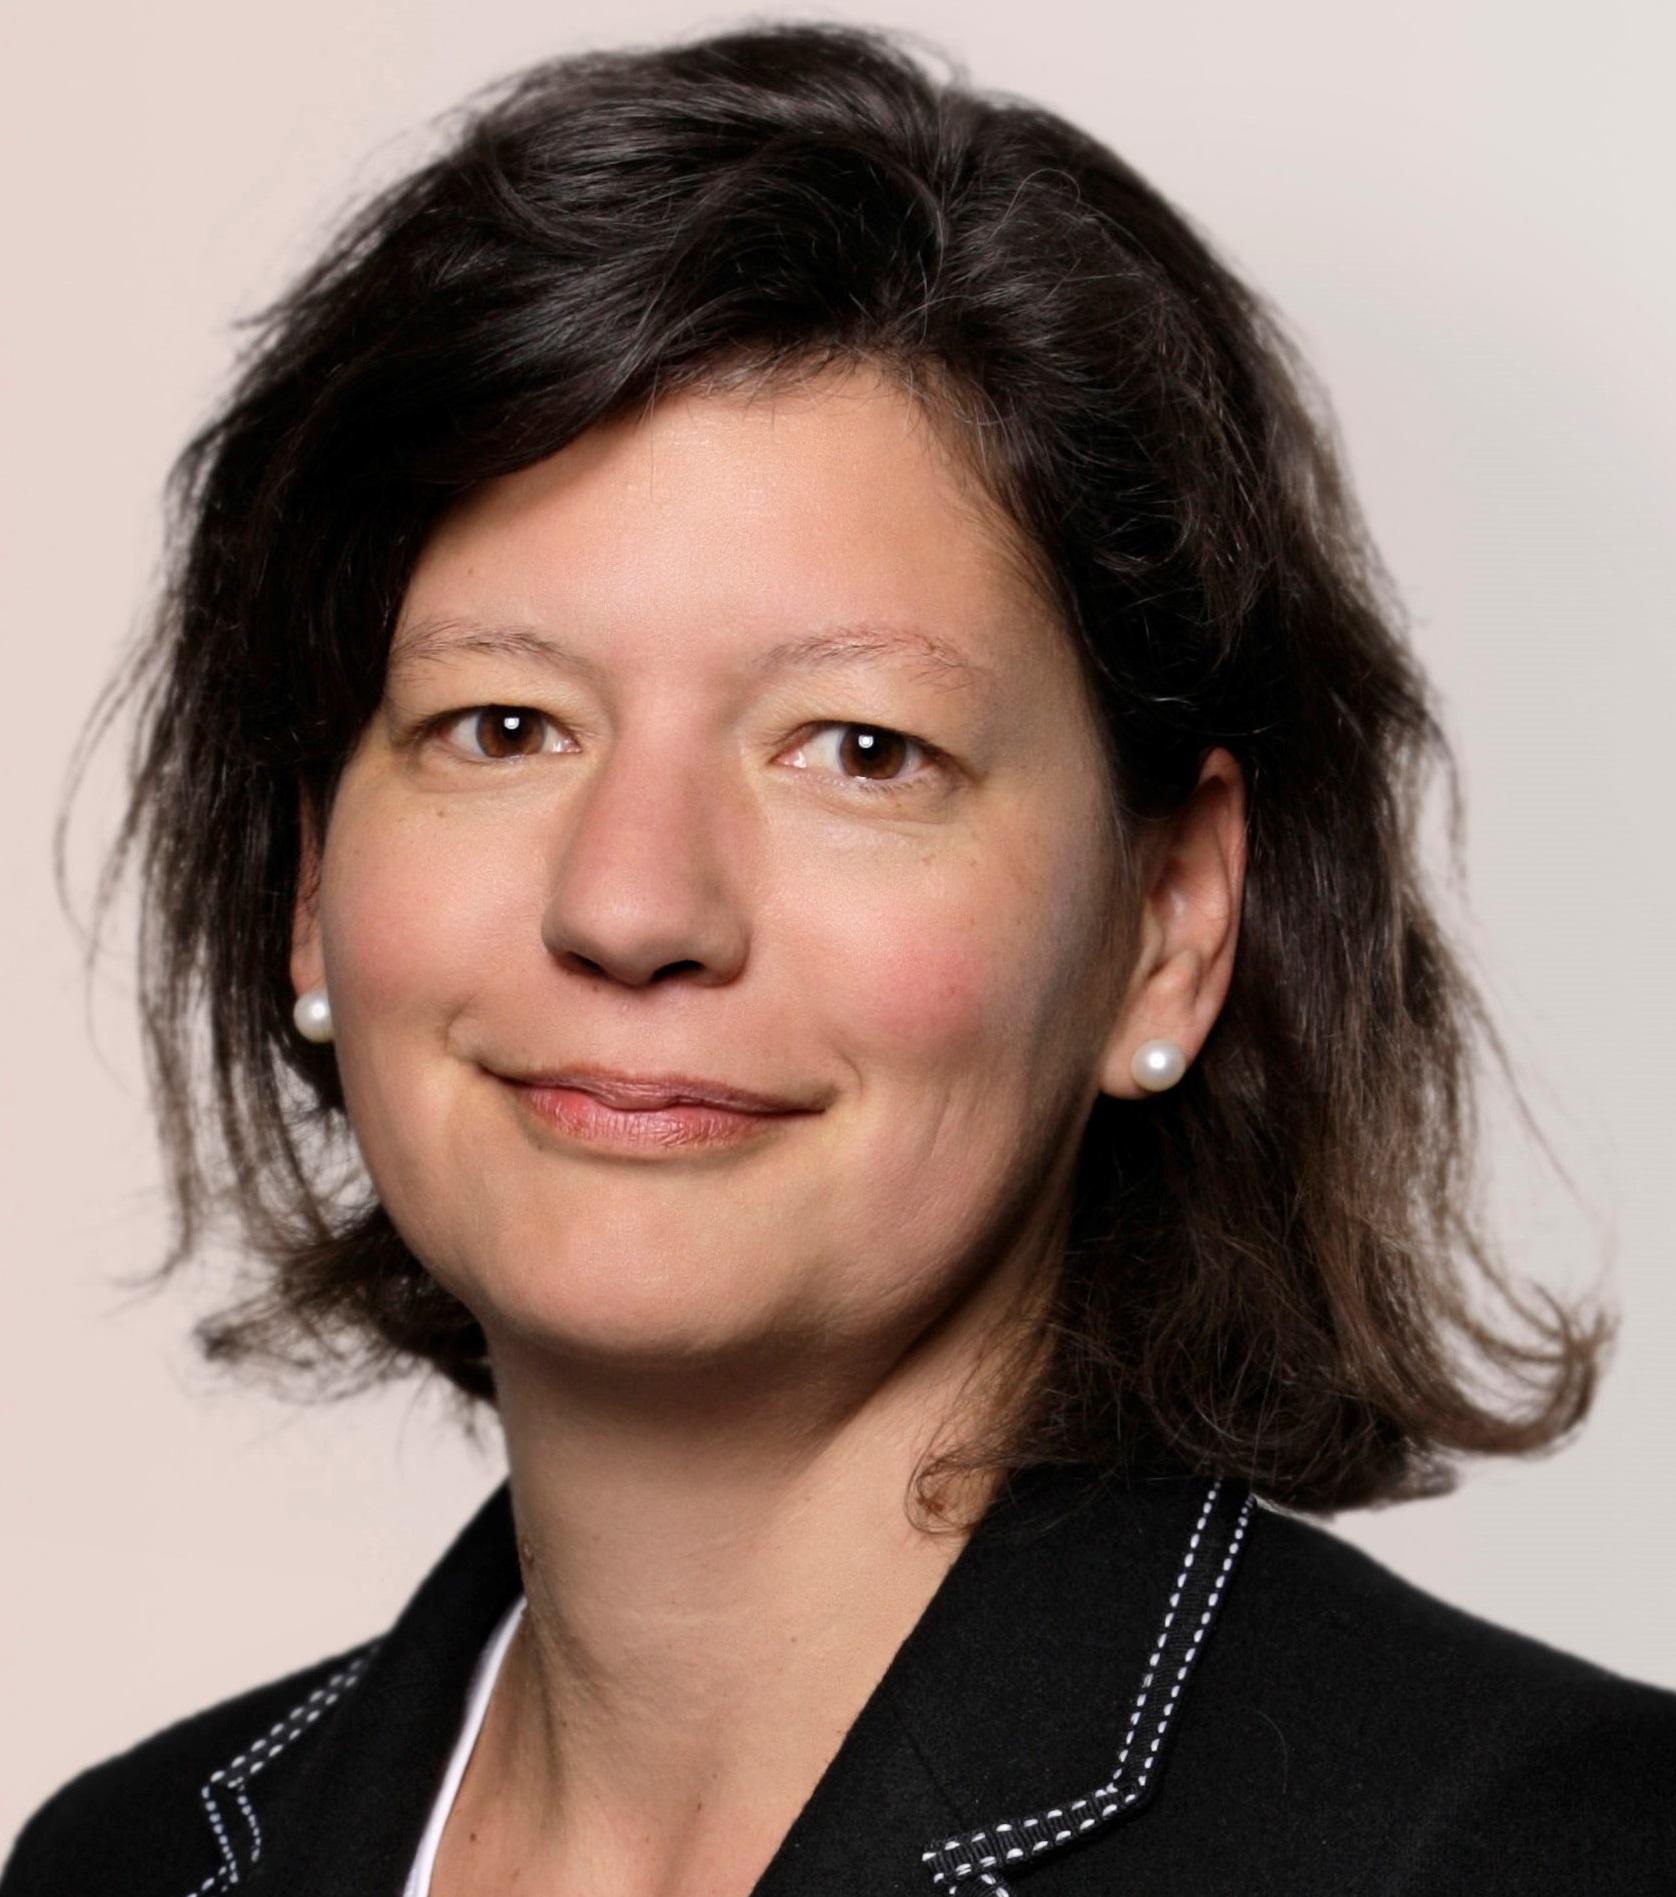 Martina Suter